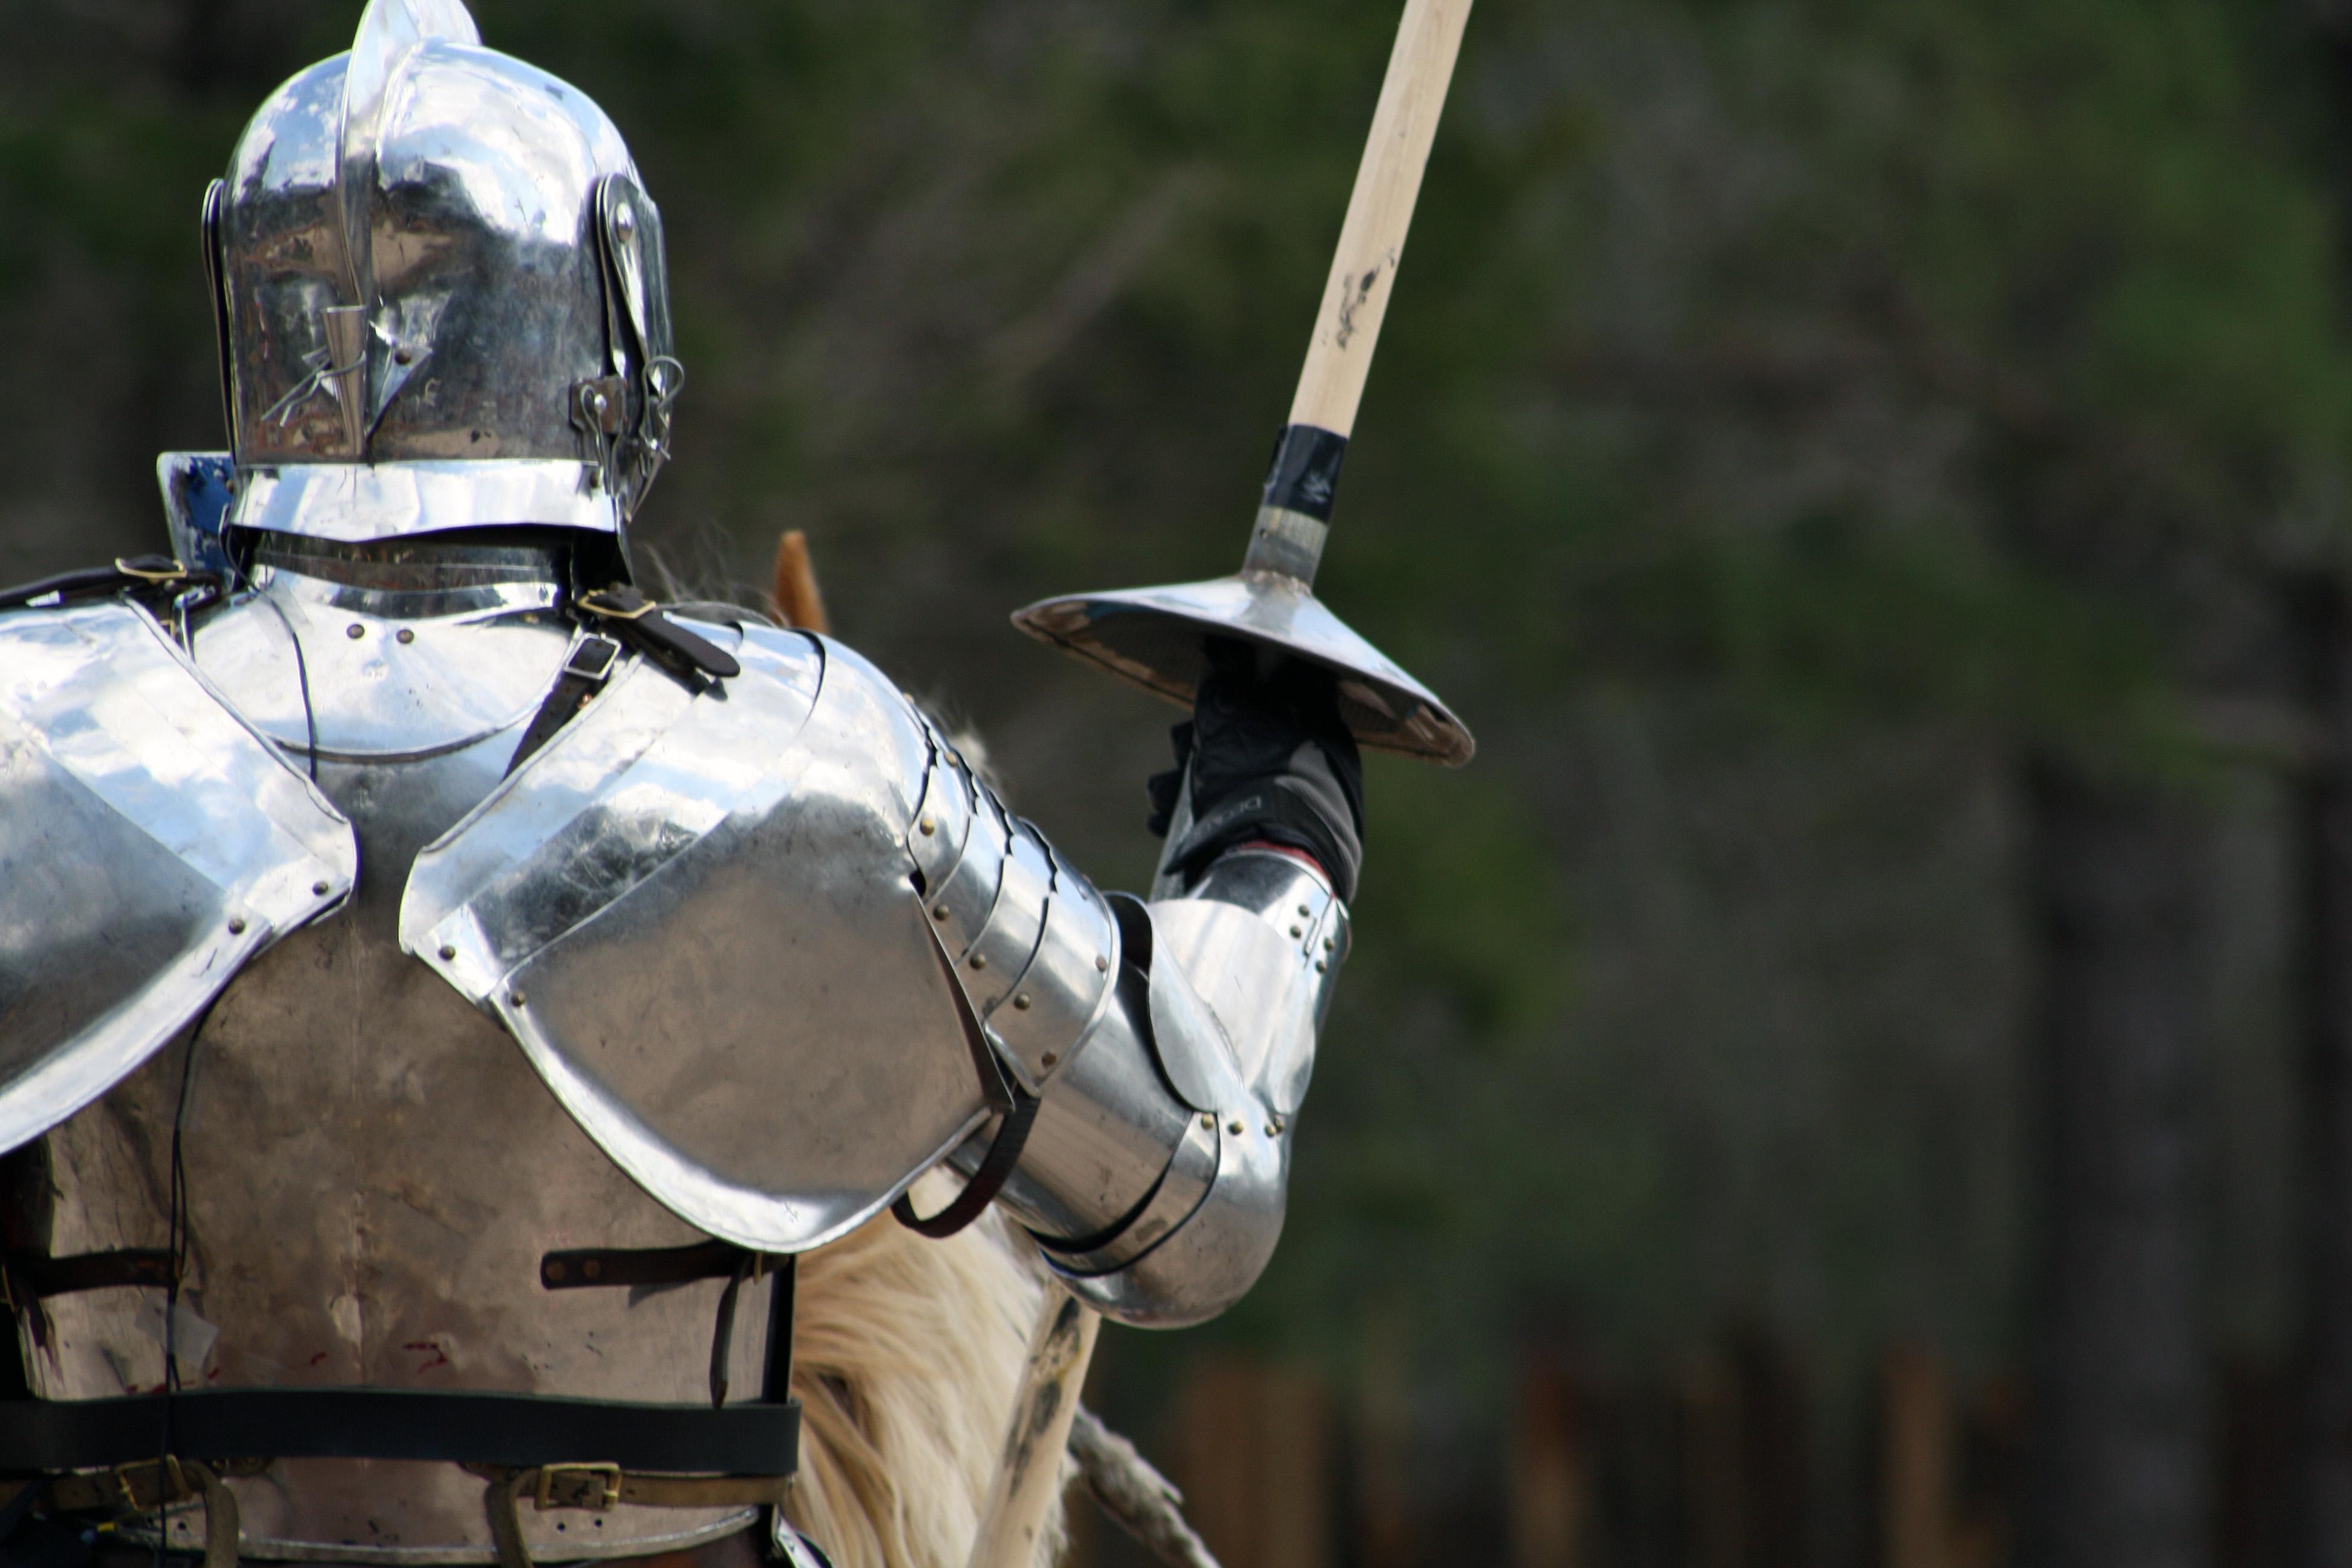 knight wallpaper, скачать фото, обои для рабочего стола, рыцарь, доспехи